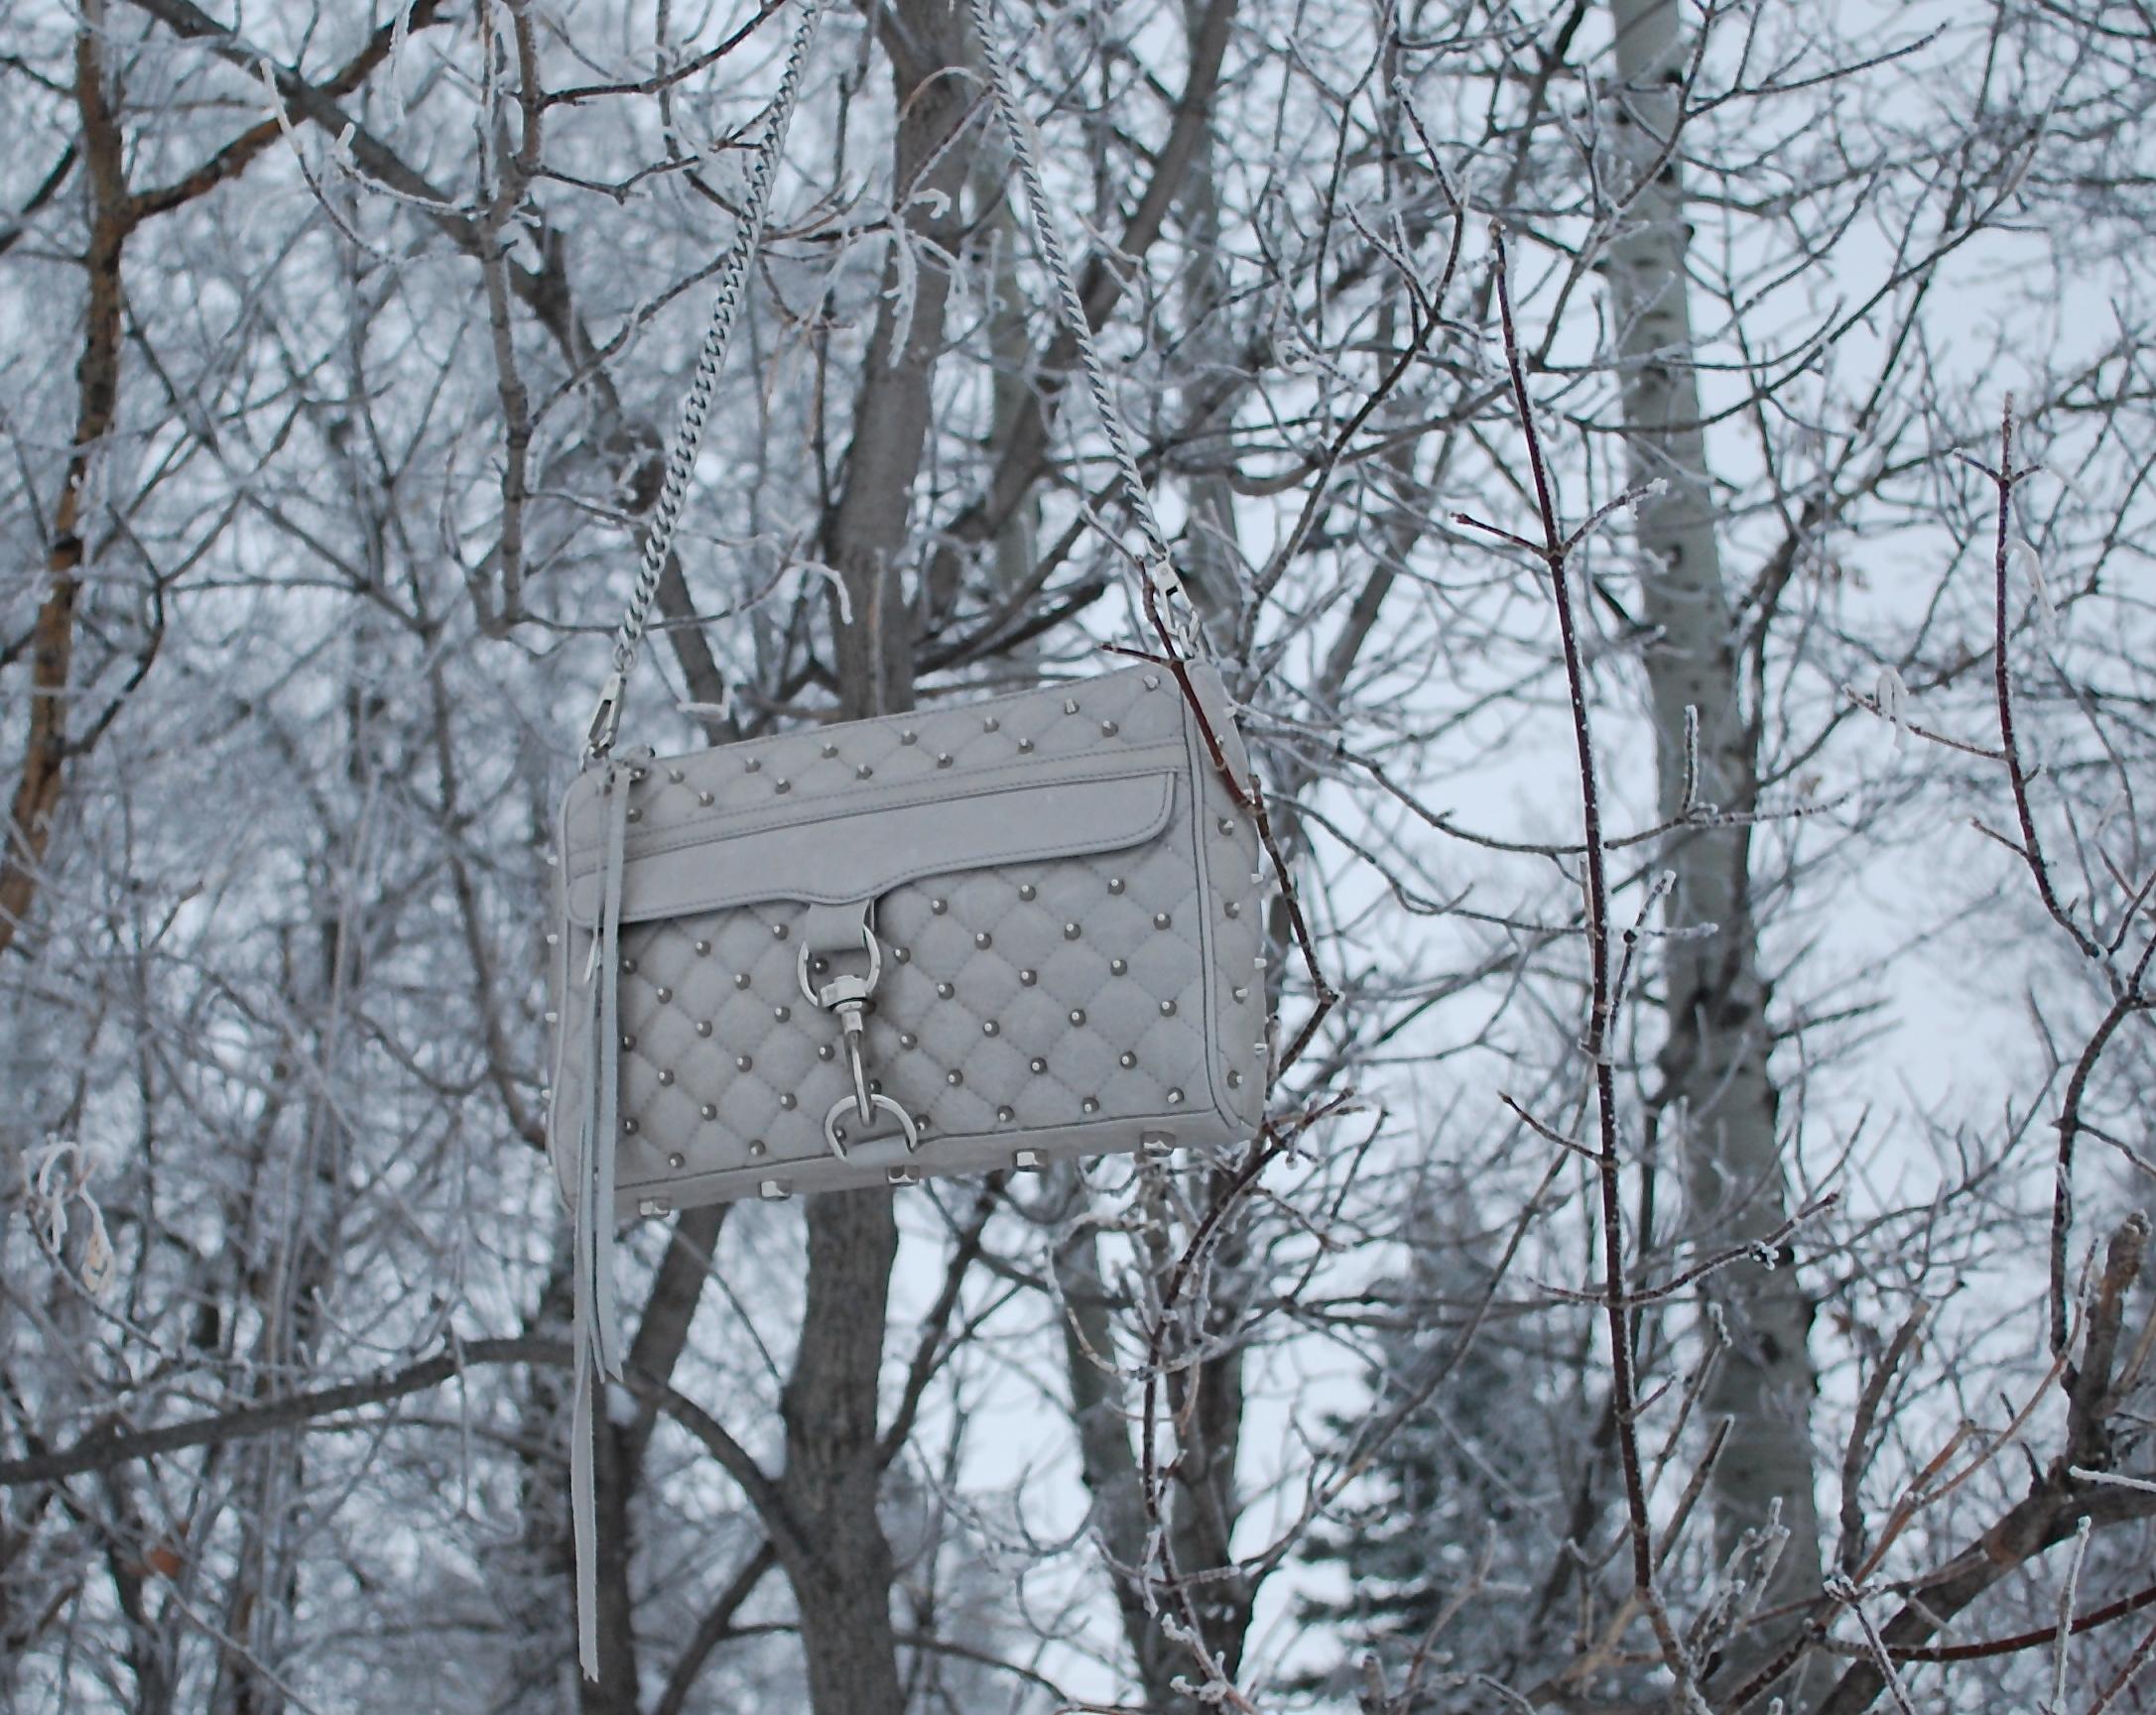 Hanging shot of purse